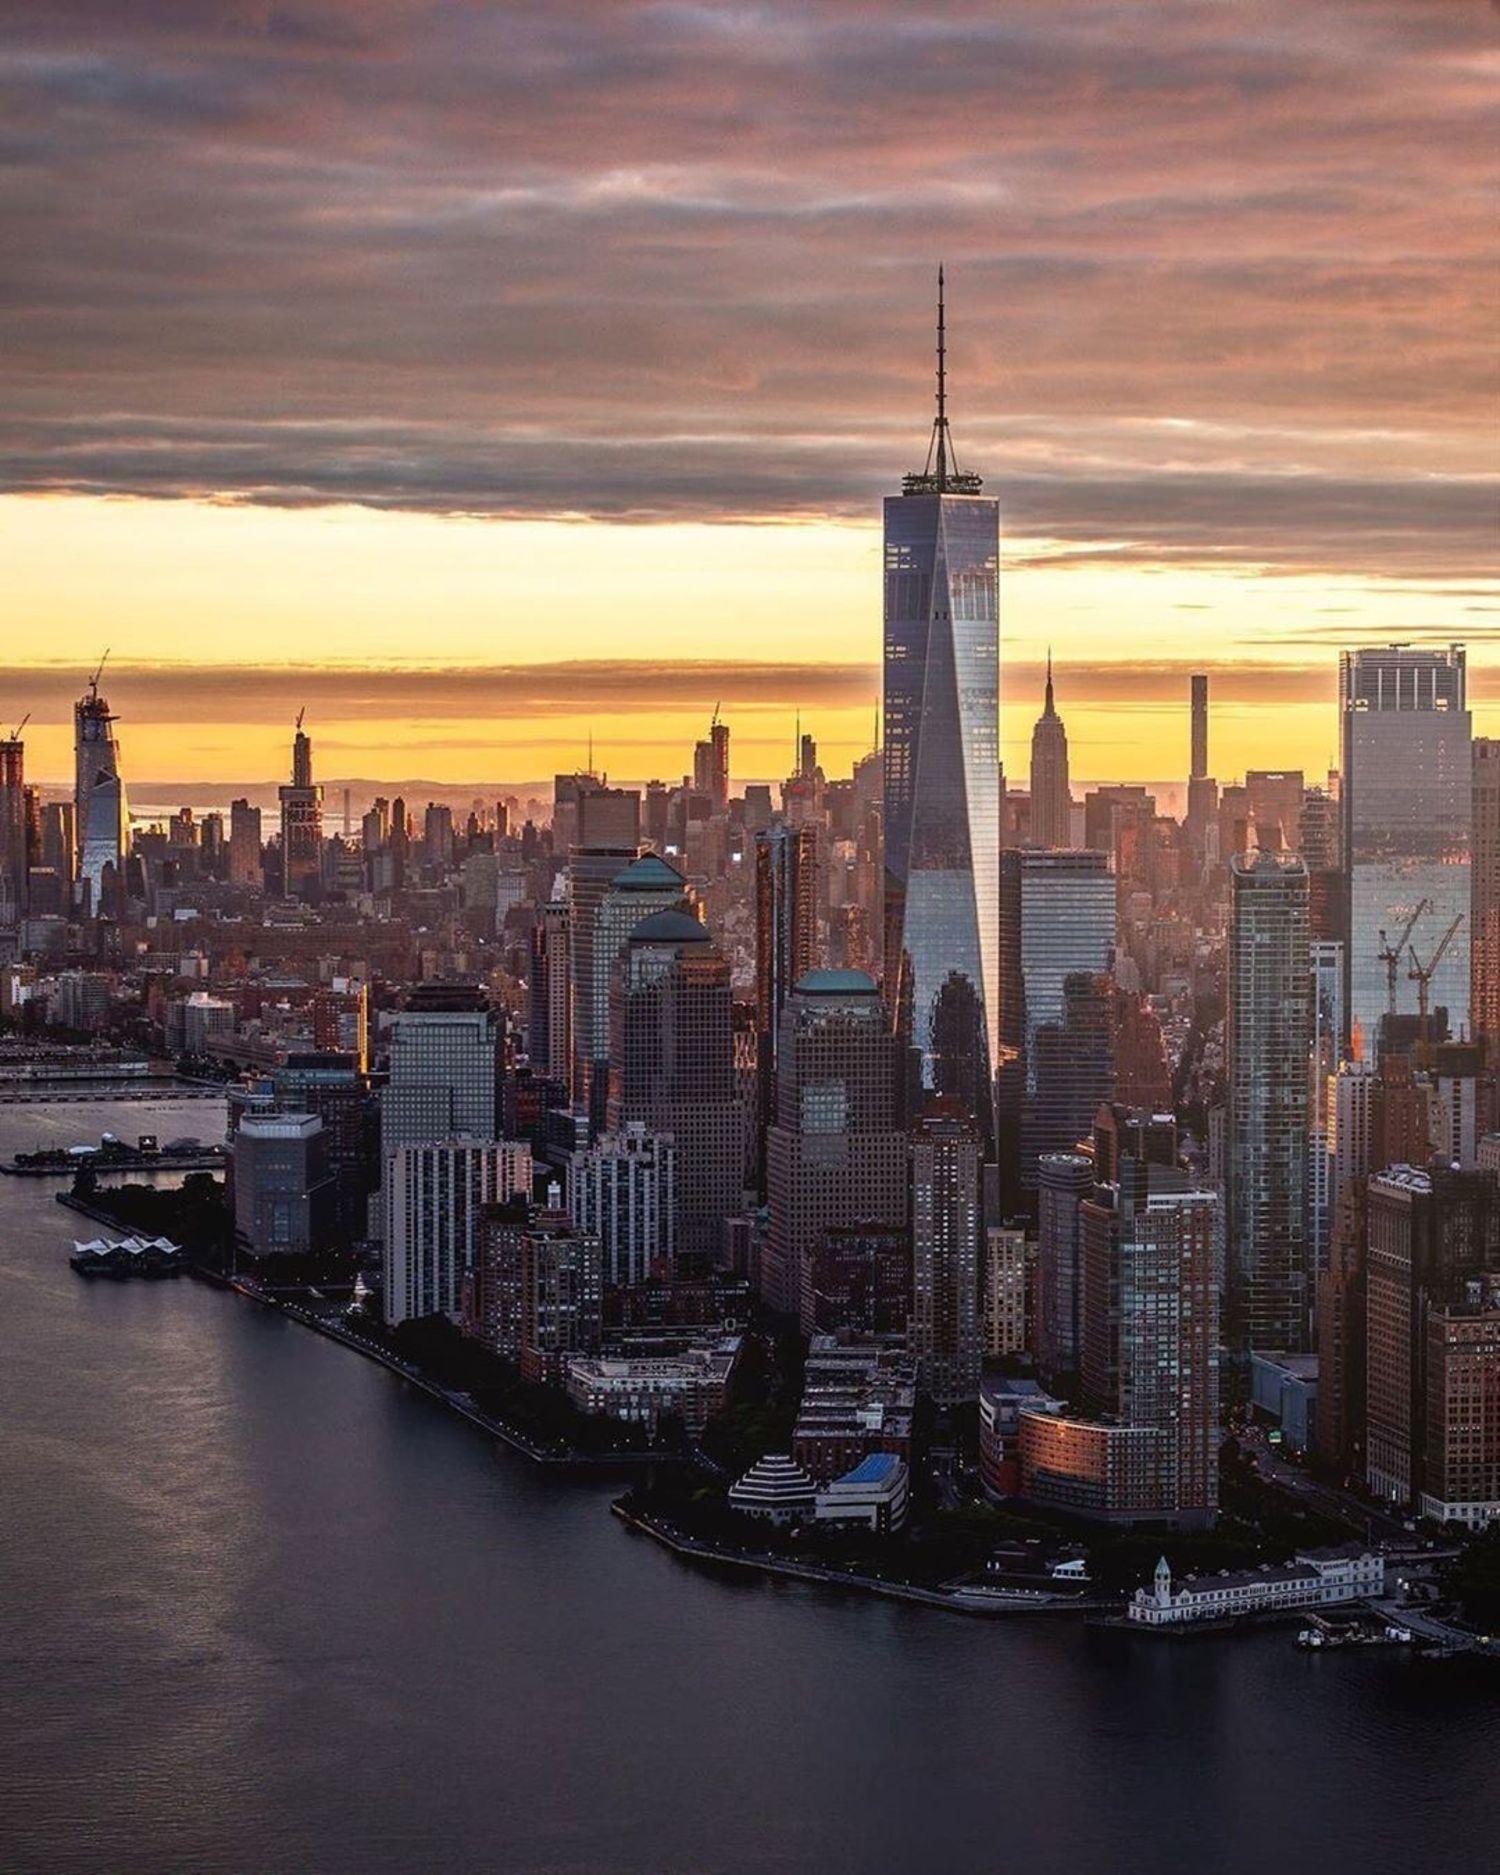 New York, New York. @flynyon